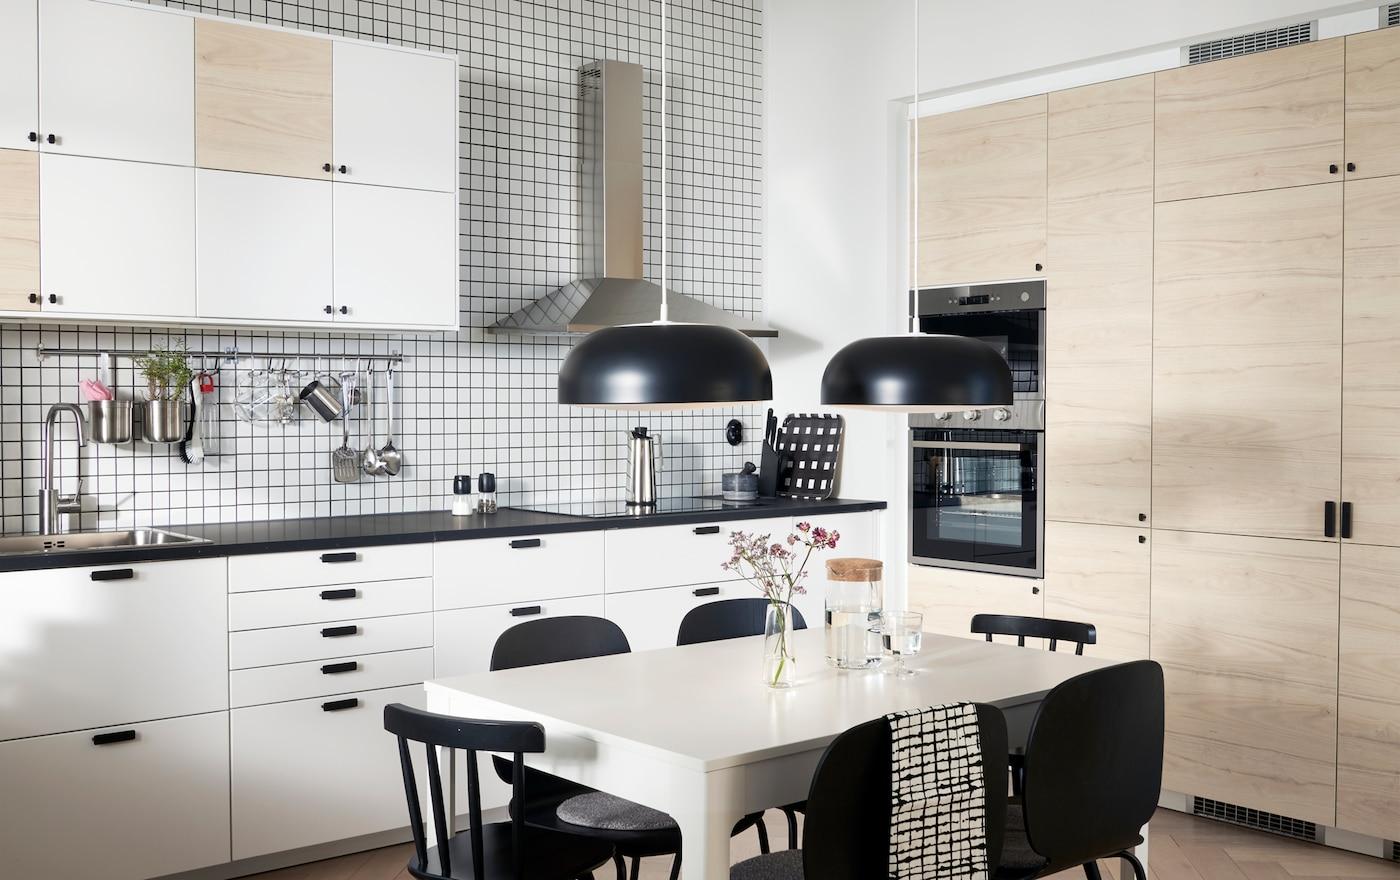 مطبخ بأبواب بلون أبيض ومظهر خشب الدردار الفاتح ومصباحين معلقين باللون الأسود وطاولة بيضاء وكراسي سوداء.